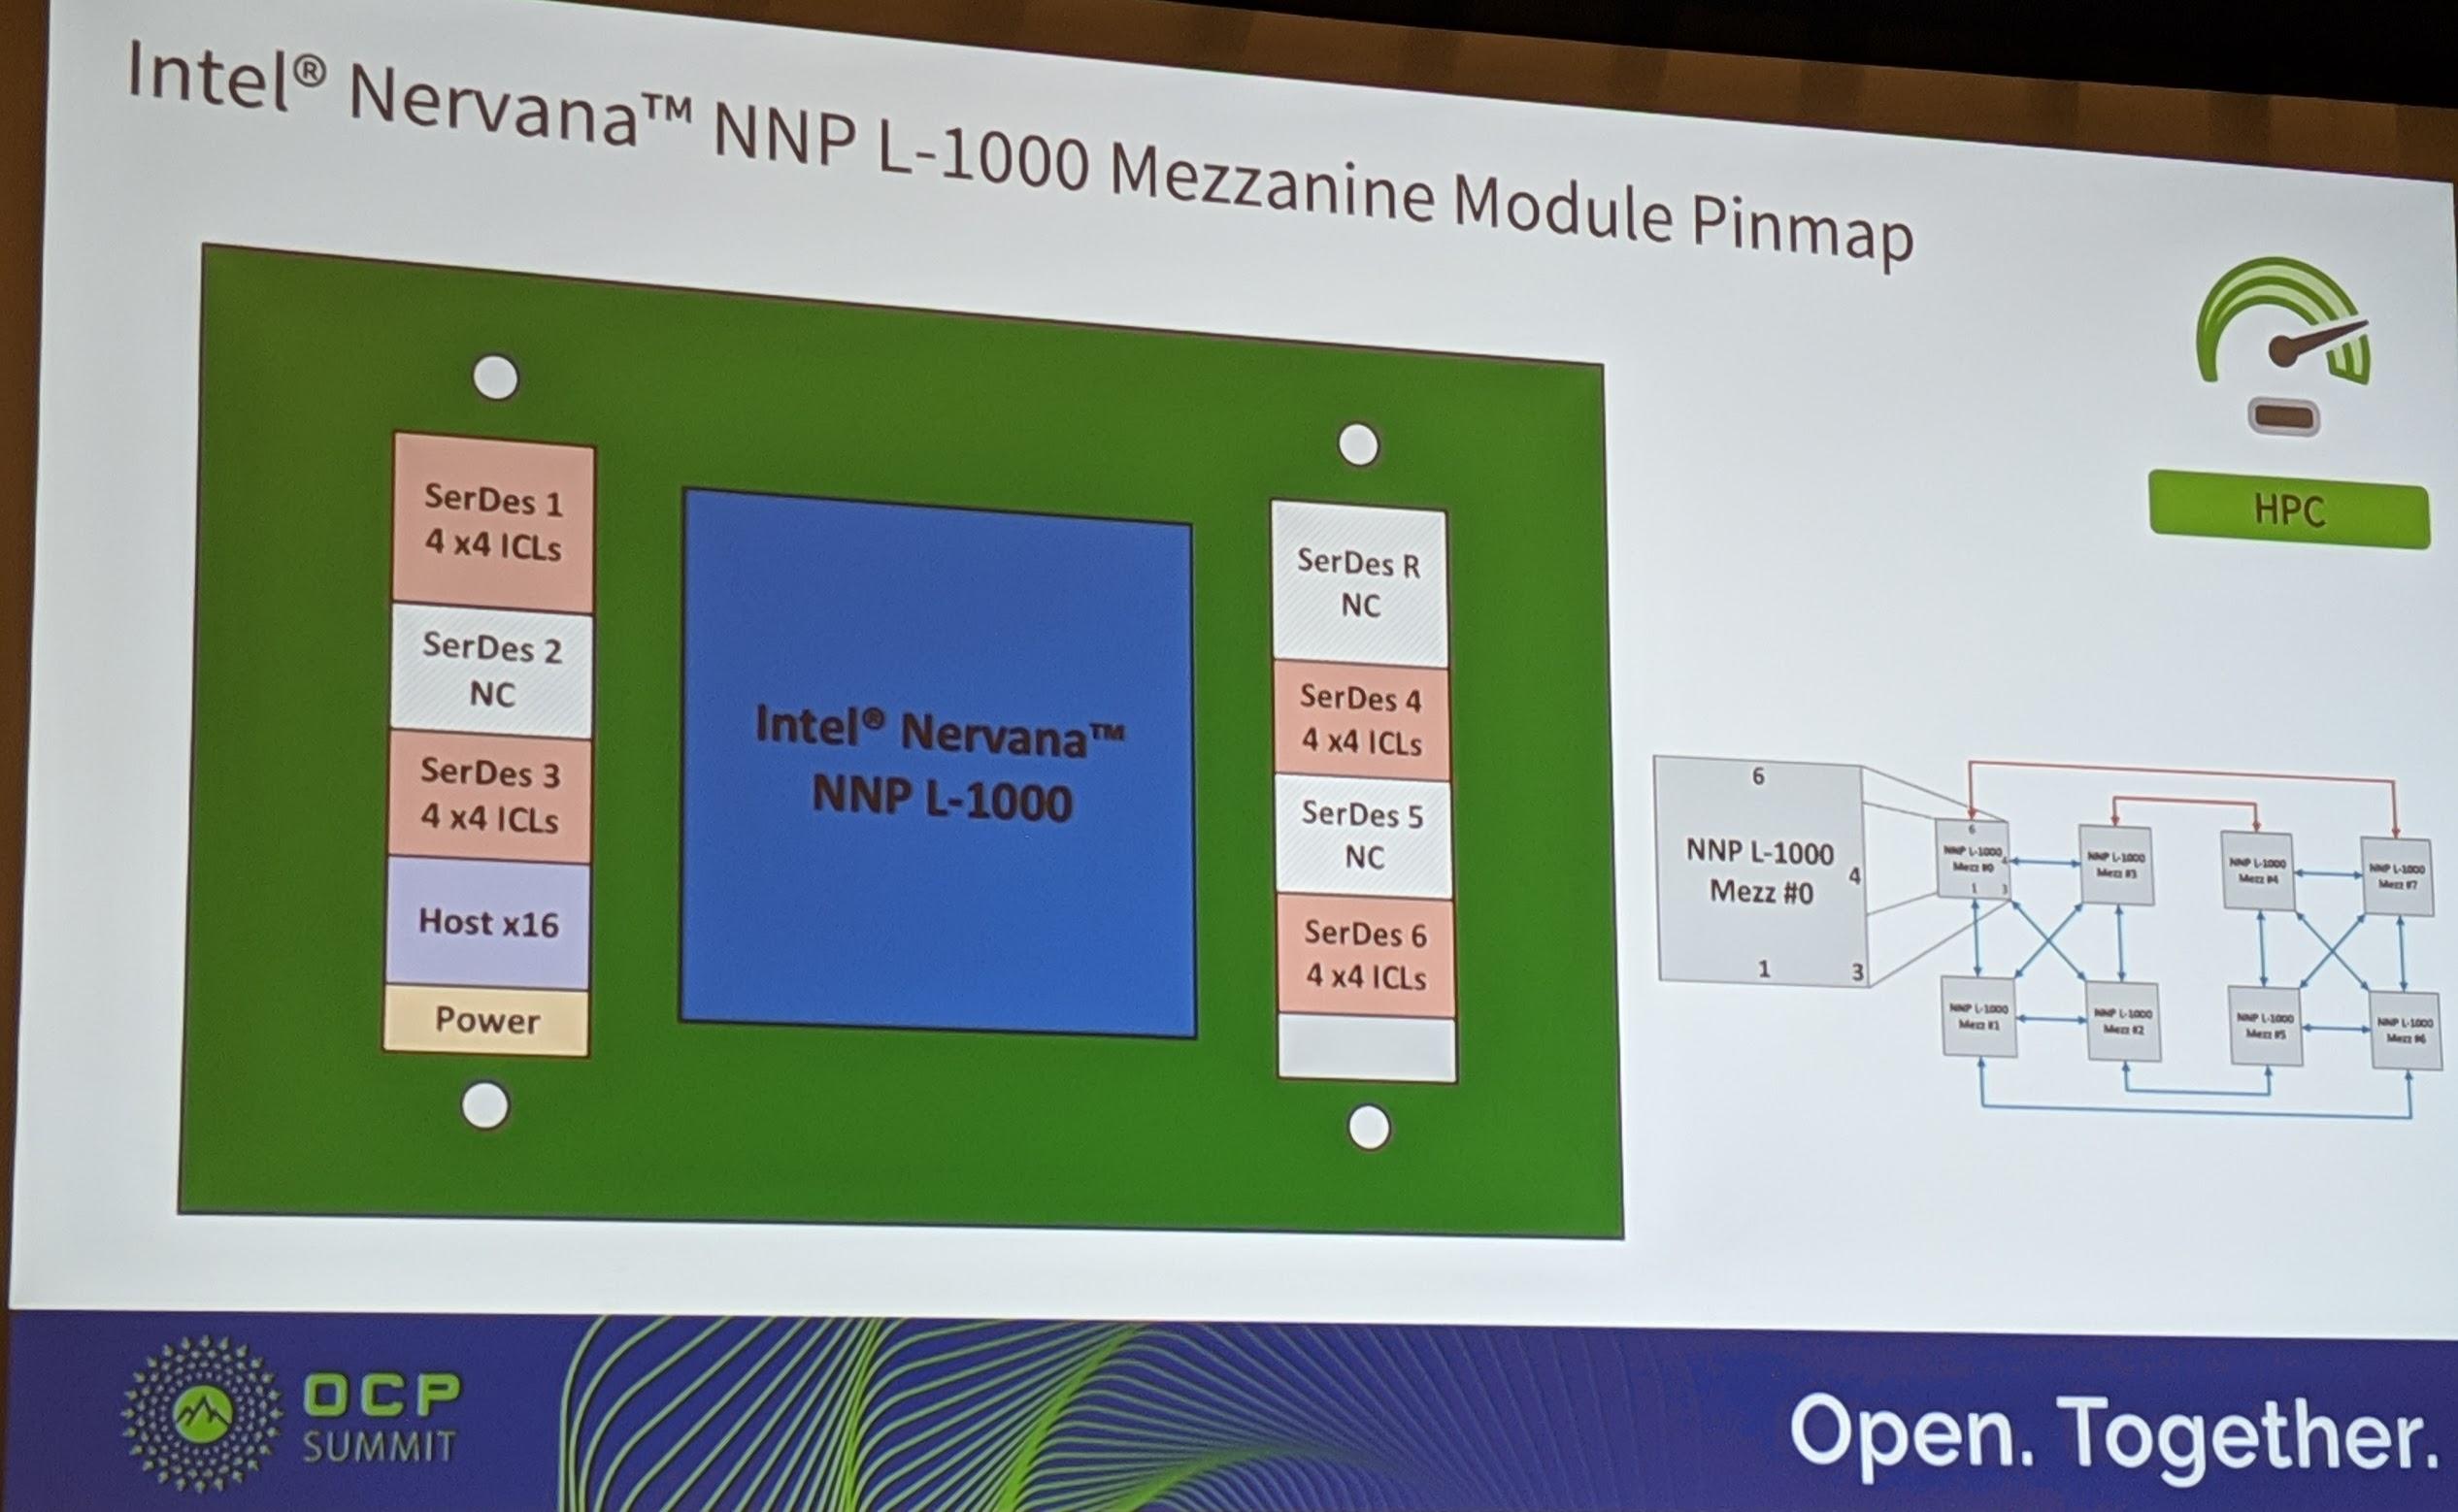 Intel Nervana NNP L 1000 Mezzanine Pinmap